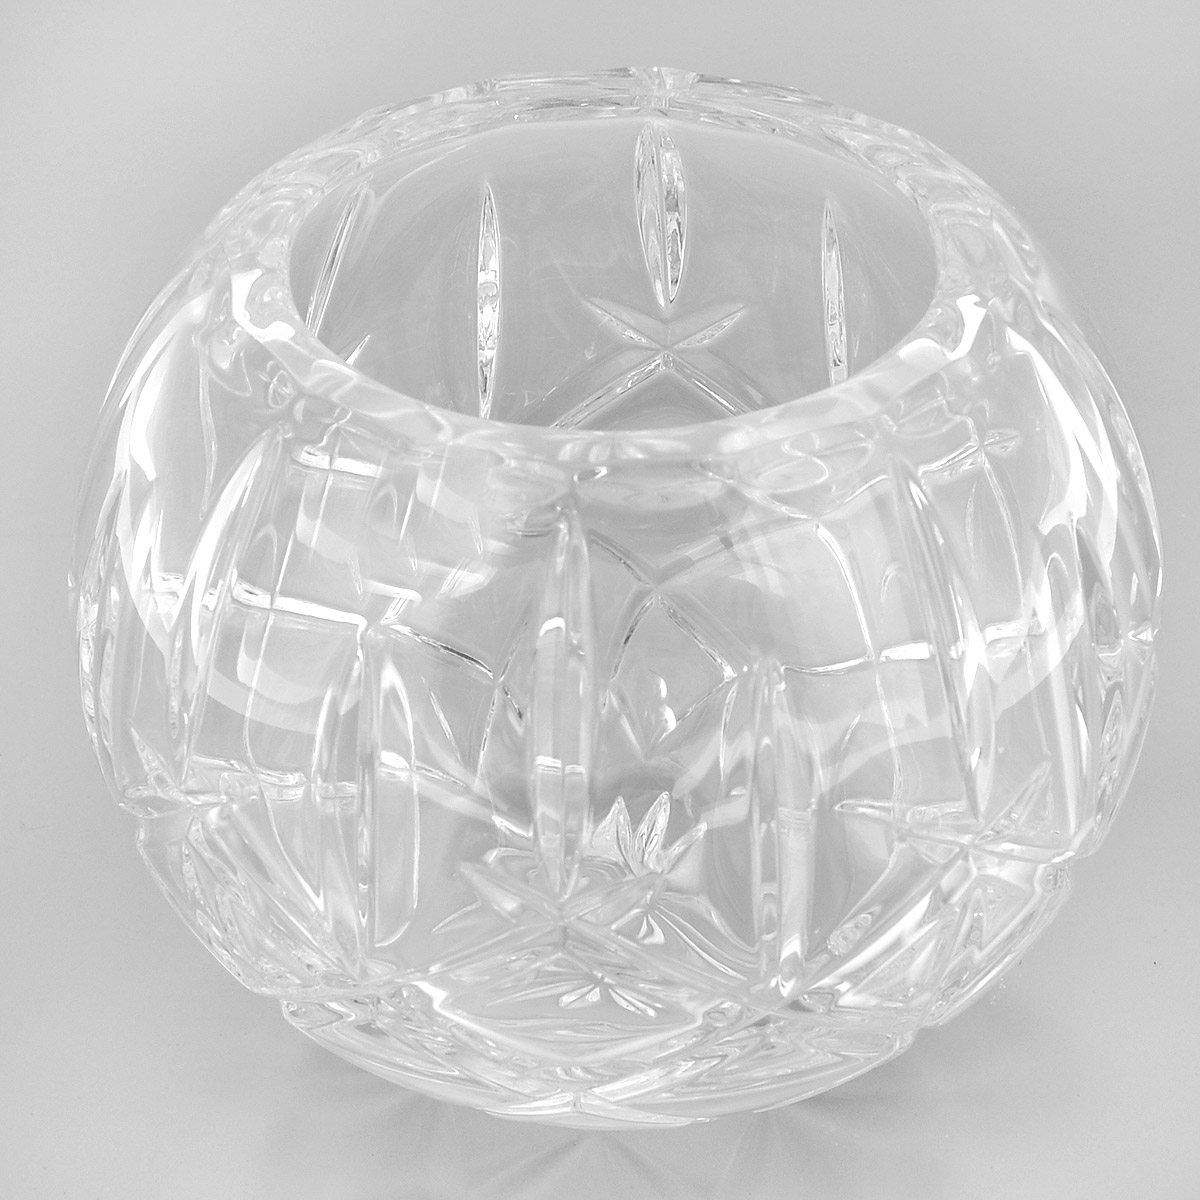 Ваза Crystal Bohemia Шар, диаметр 10 см23900Ваза Crystal Bohemia Шар выполнена из прочного высококачественного хрусталя и декорирована рельефом. Она излучает приятный блеск и издает мелодичный звон. Ваза сочетает в себе изысканный дизайн с максимальной функциональностью. Ваза не только украсит дом и подчеркнет ваш прекрасный вкус, но и станет отличным подарком.Высота: 14 см.Диаметр по верхнему краю: 10 см.Диаметр основания: 7 см.